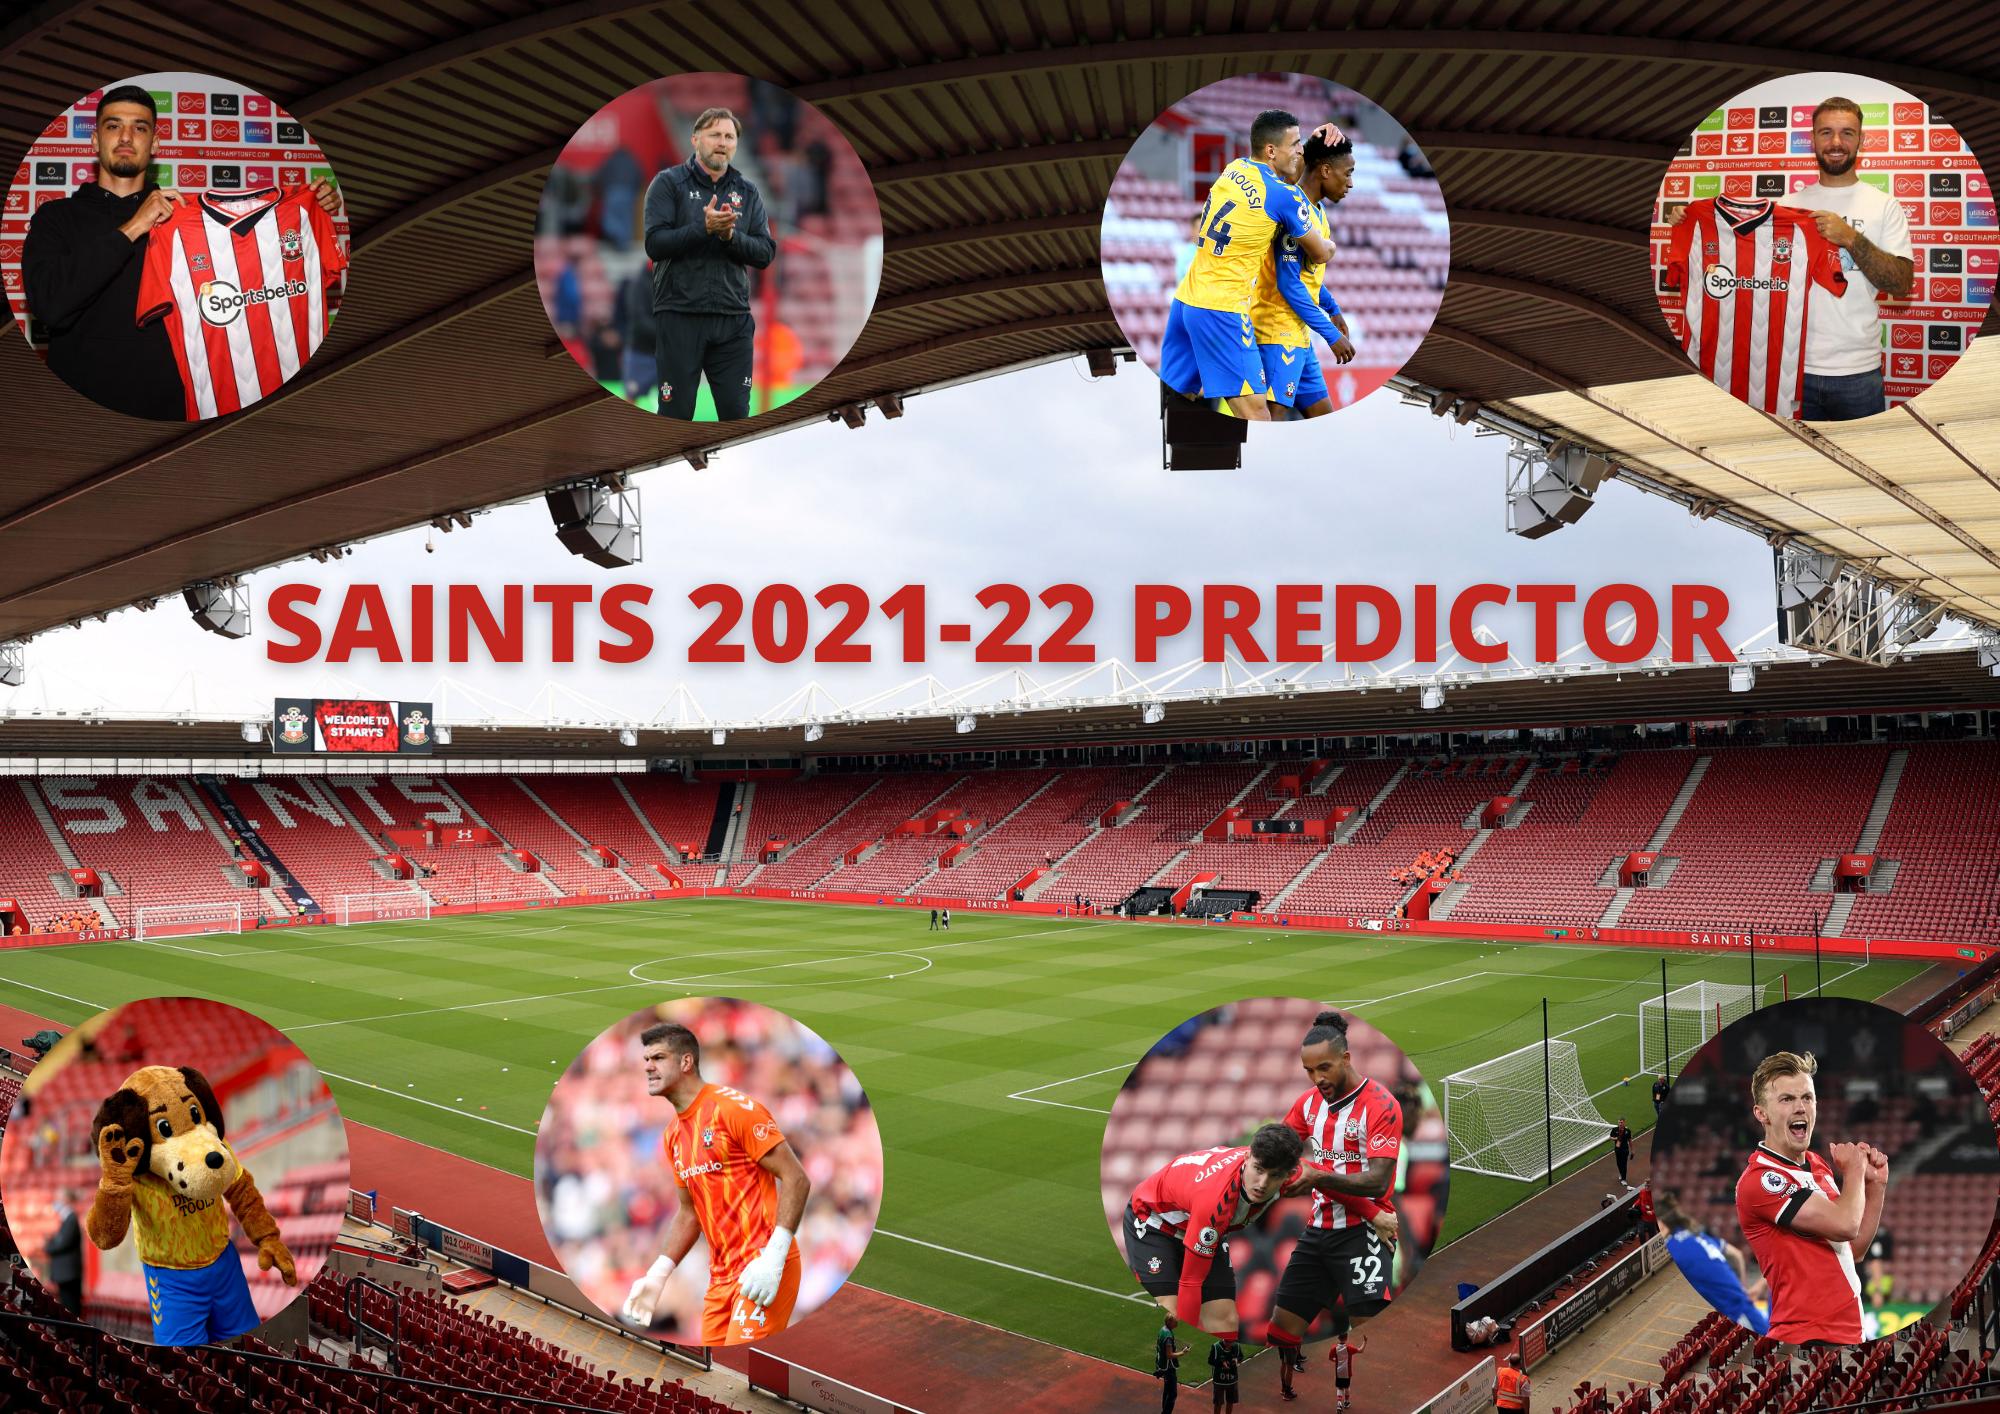 Southampton FC 2021-22 Premier League season predictor